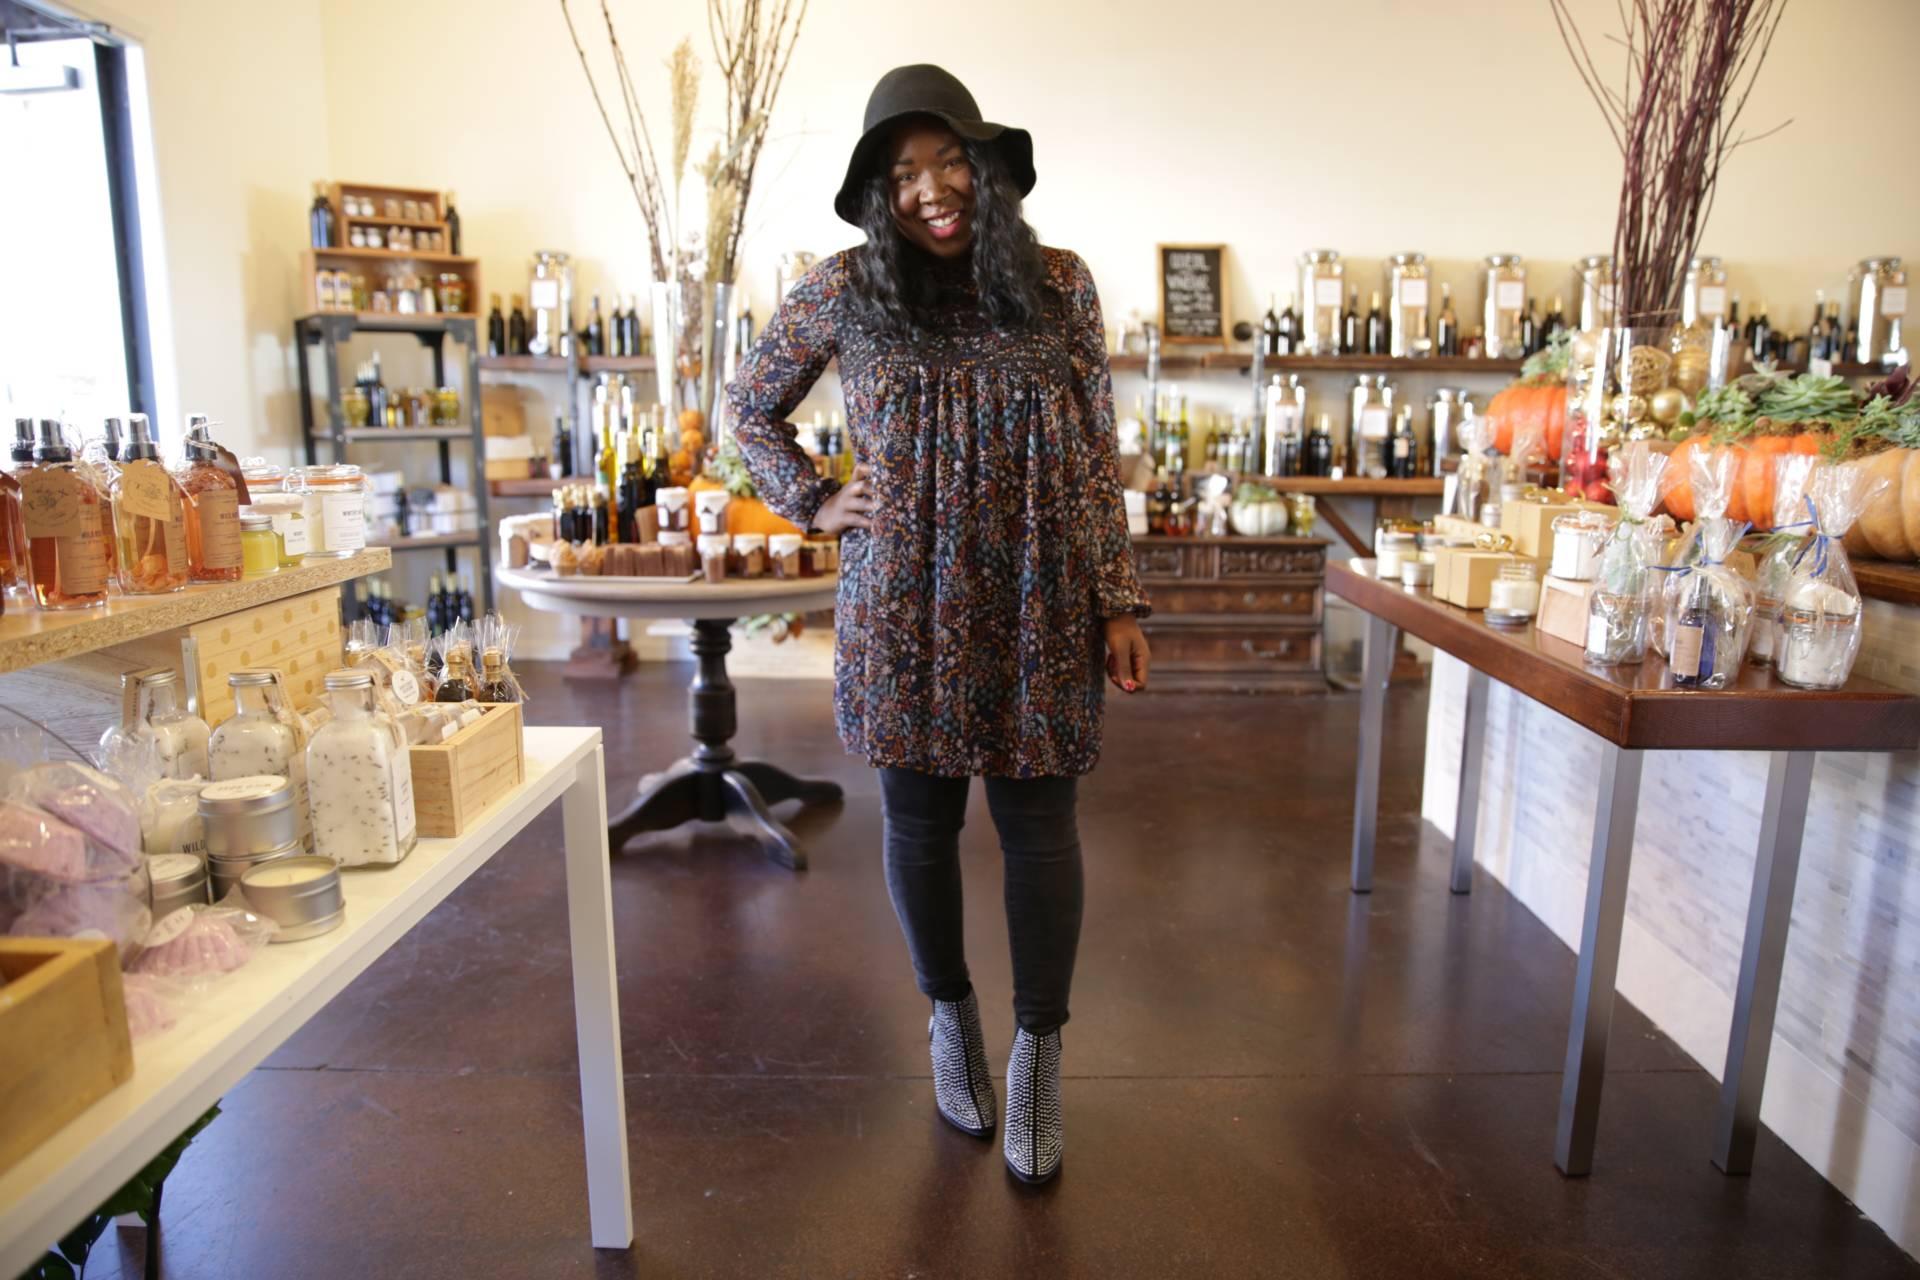 fashion-blogger-closet-sale-teaoxics-re-cap- Ruthie